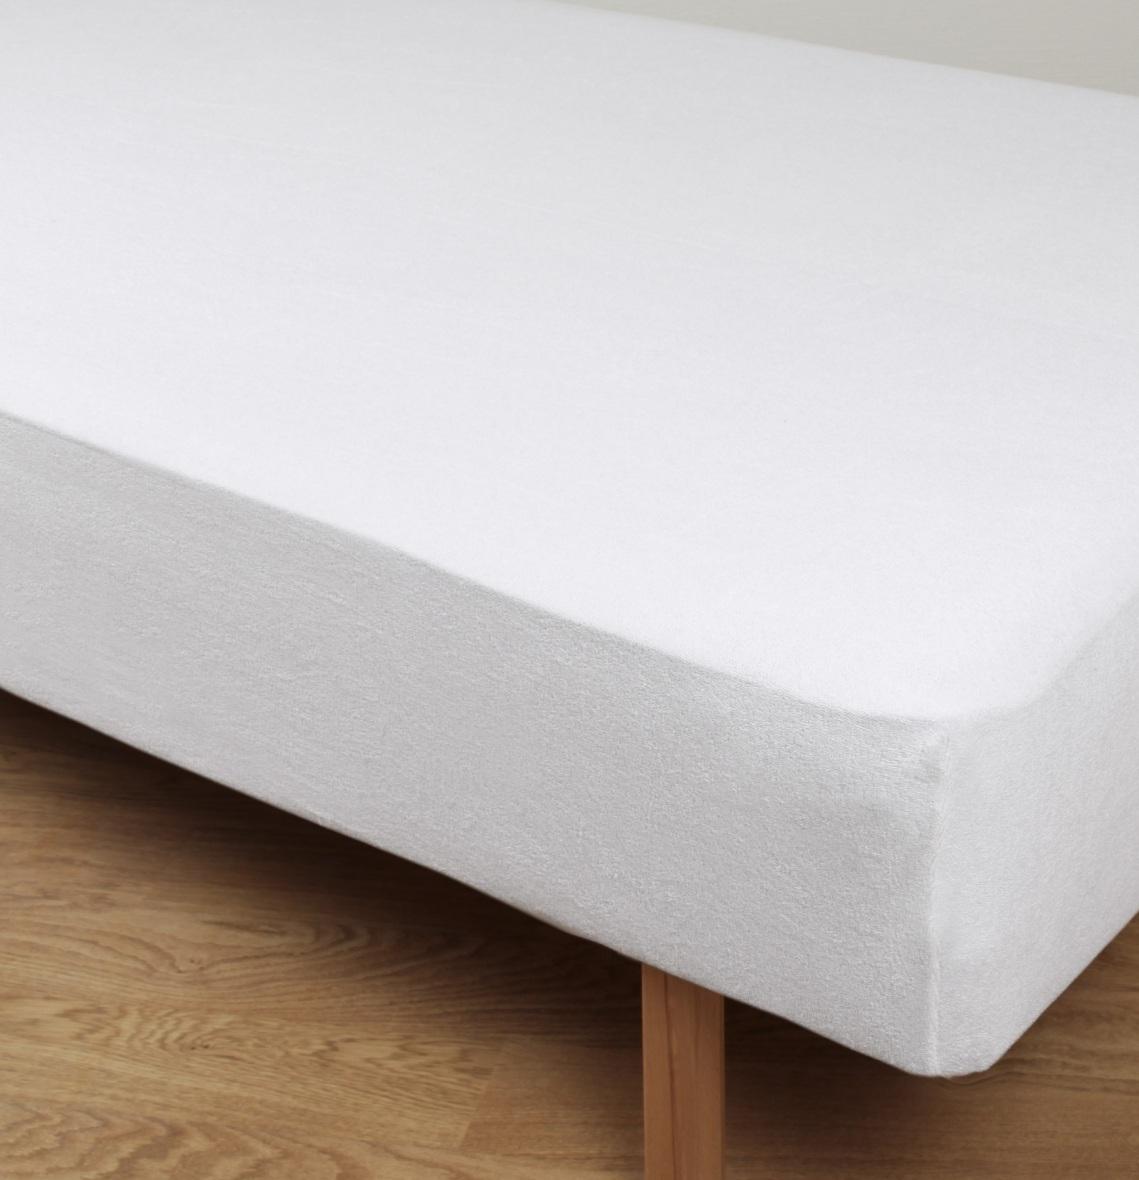 Sängklädsel 105 x 200 cm frotté Värnamo of Sweden